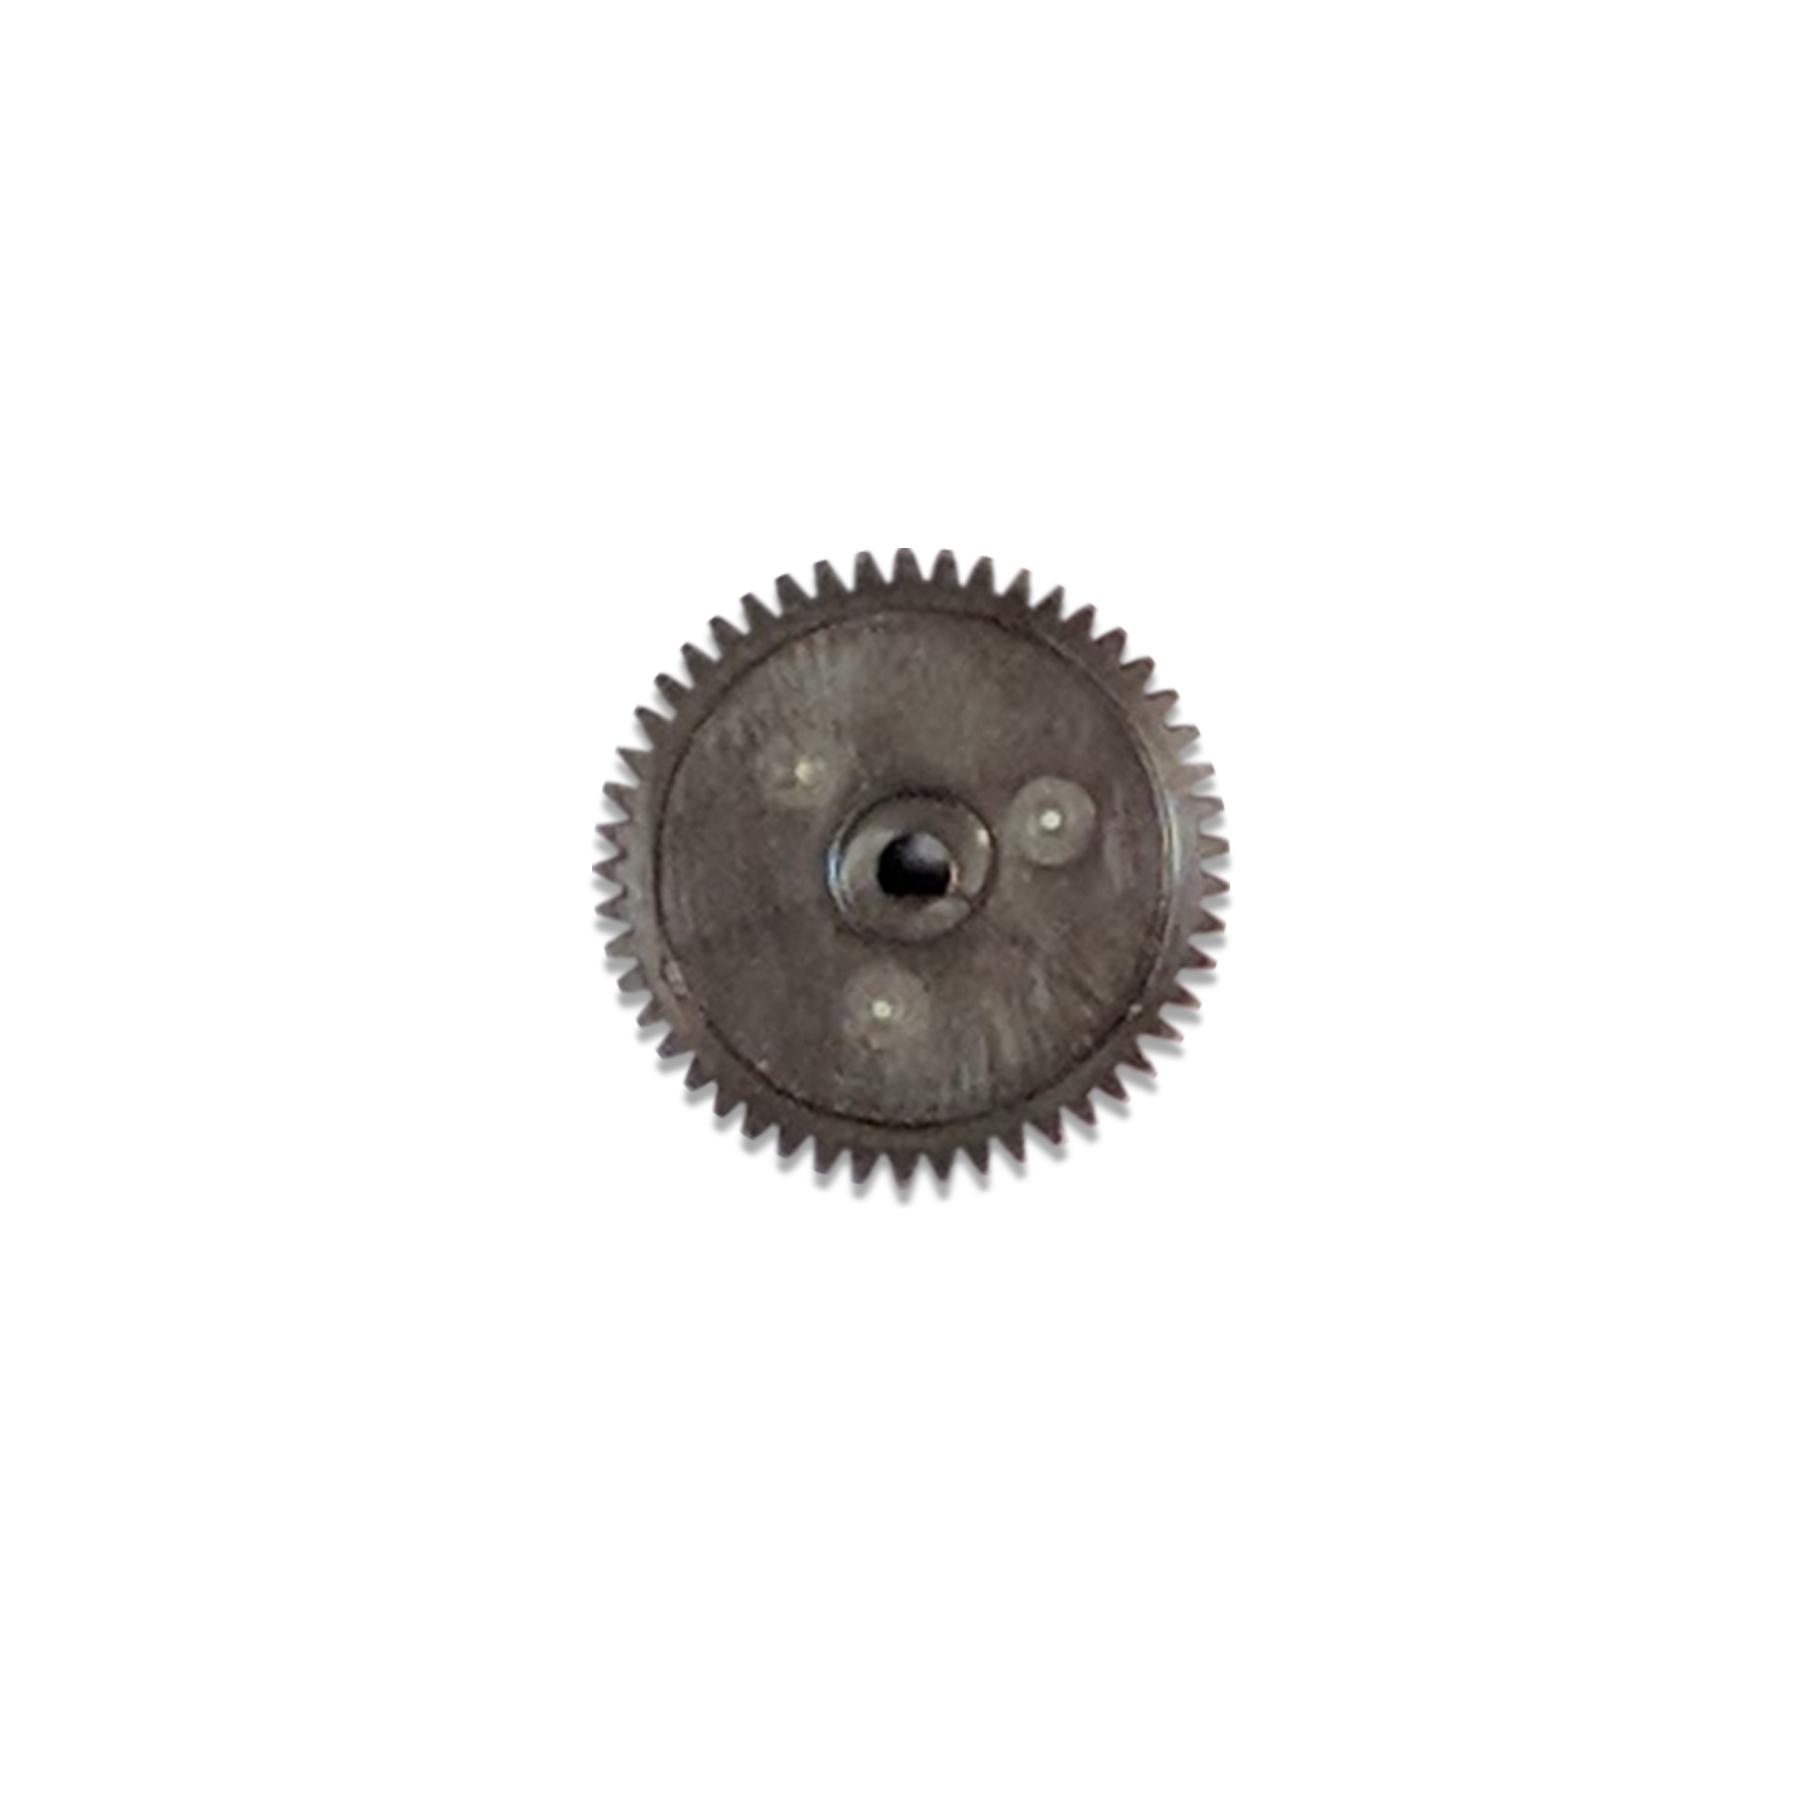 Nylon Drive Gear, DBW 2010-300